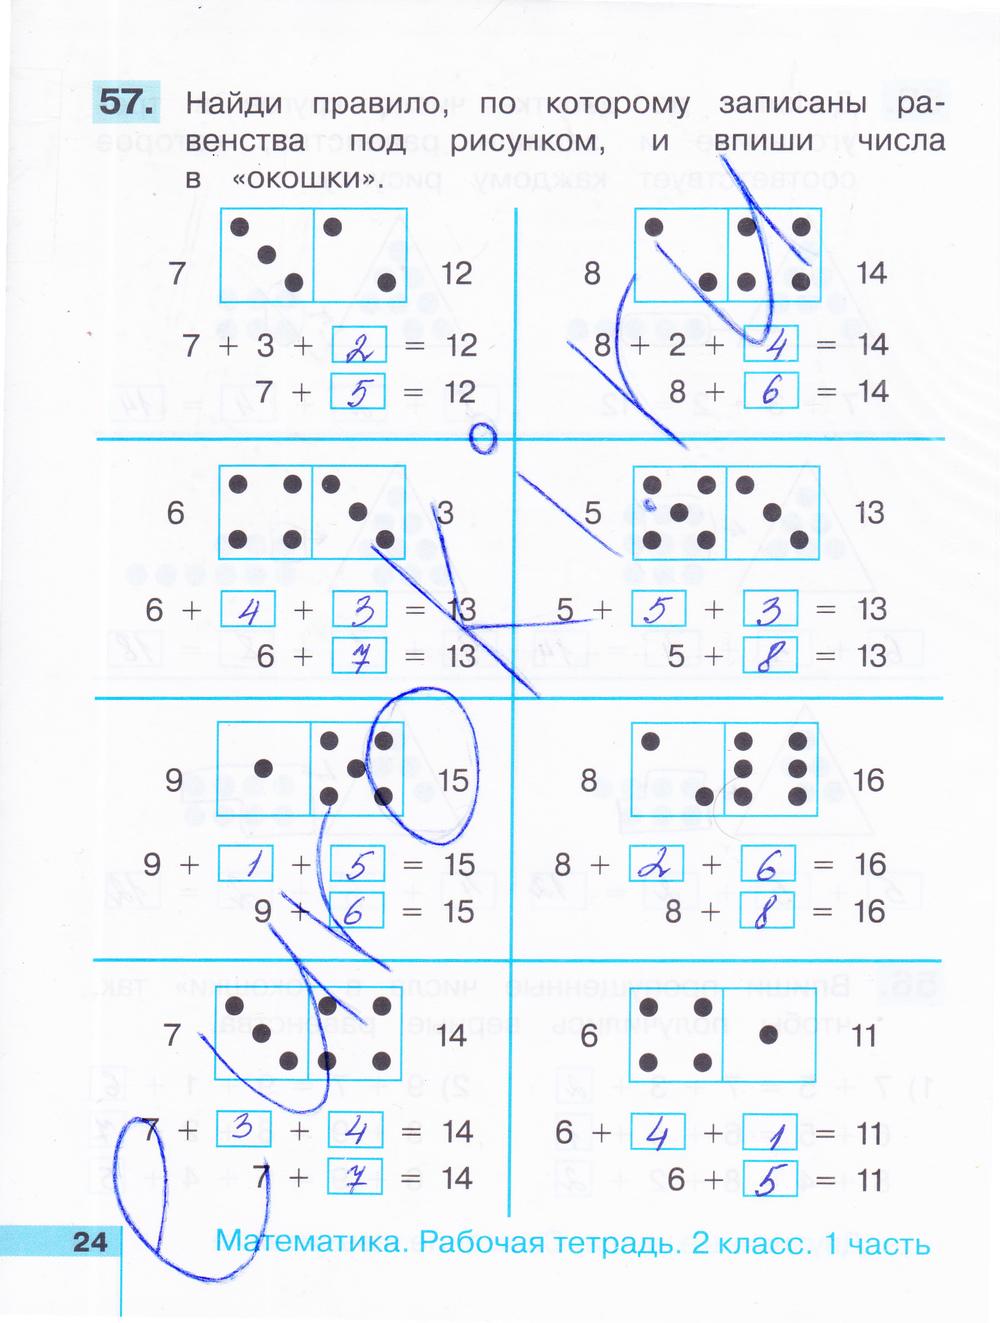 ГДЗ по математике 2 класс рабочая тетрадь Истомина Часть 1, 2. Задание: стр. 24